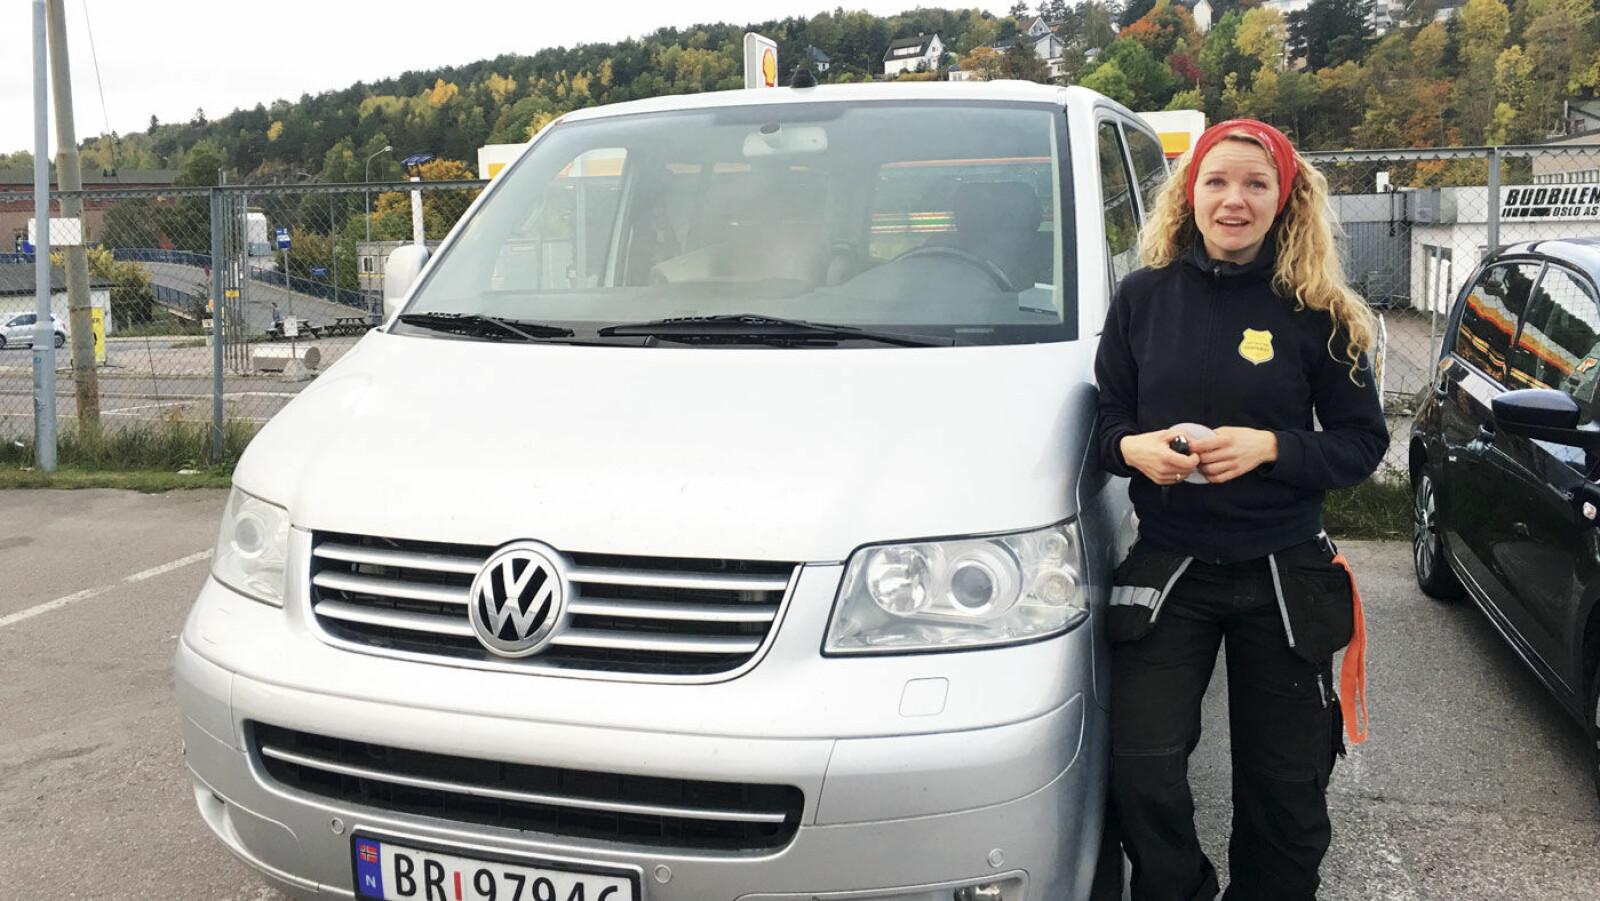 LIVSFARLIG: Dette var drømmebilen til Kaja og familien. Pris: 450.000 kroner. Den viste seg å være livsfarlig. Til slutt måtte hun selge den som delebil - for 60.000 kroner.